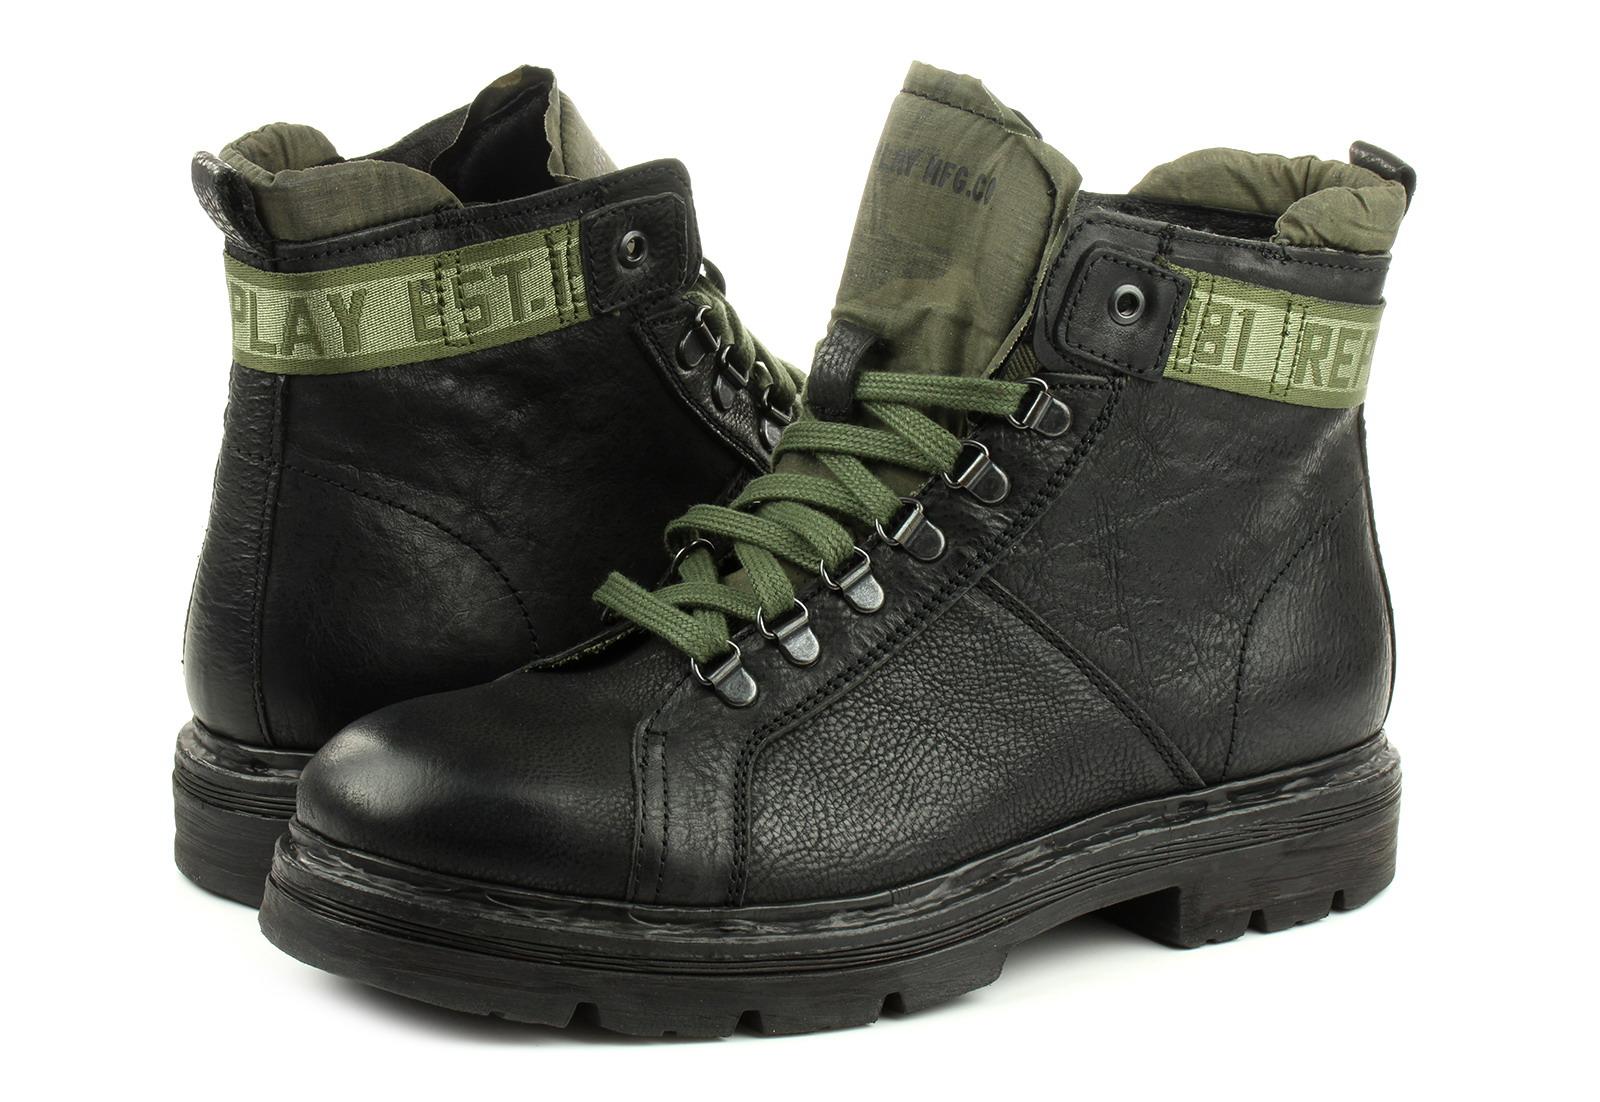 Replay Bakancs - Rc740002l - RC740002L-0003 - Office Shoes Magyarország baa0a4942c